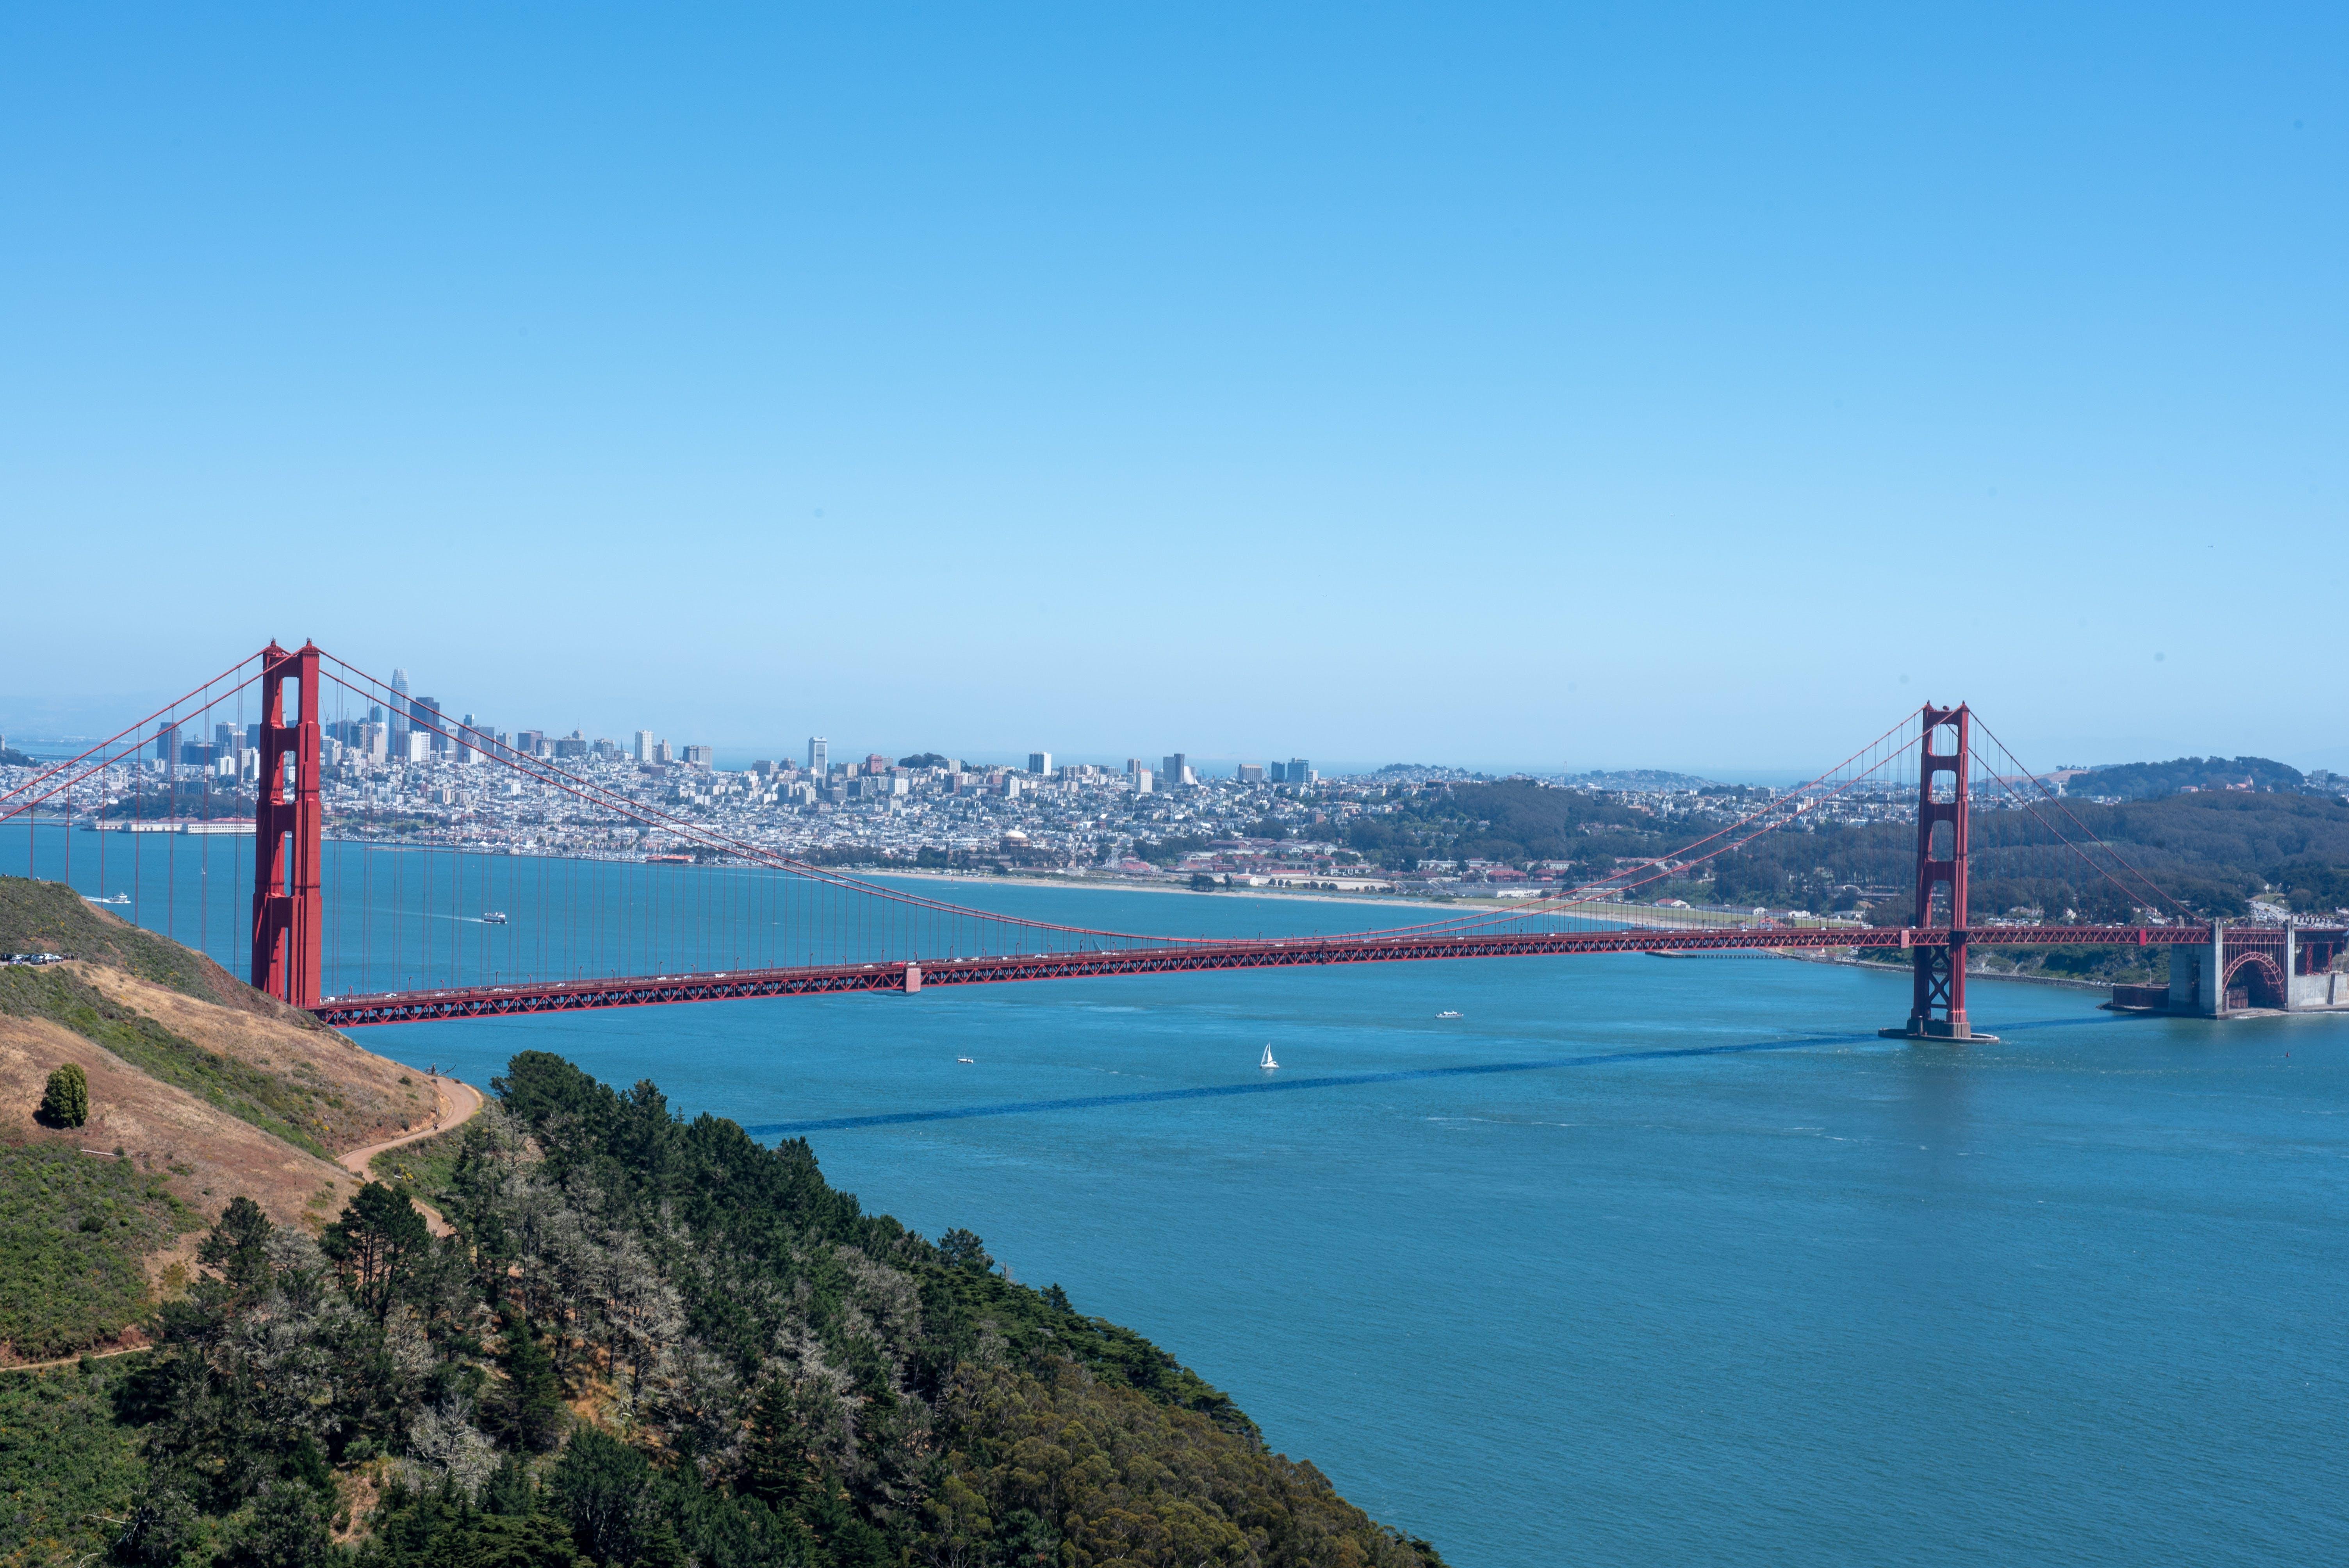 Δωρεάν στοκ φωτογραφιών με γέφυρα Γκόλντεν Γκέιτ